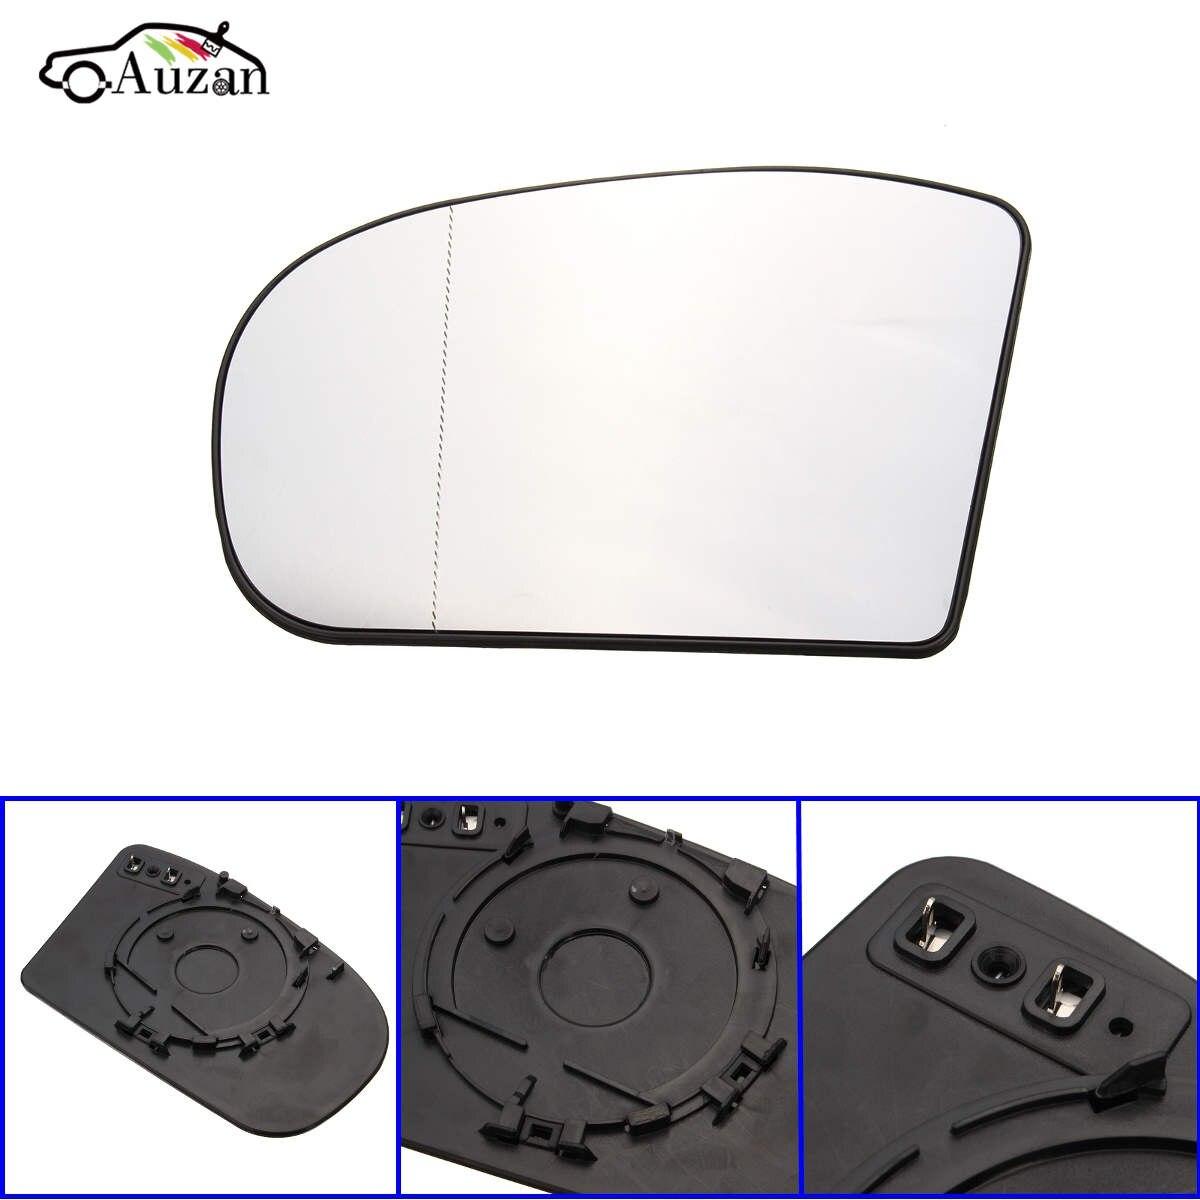 1 Uds. Lente de espejo retrovisor lateral izquierdo para Benz clase C W203 2000 20012002 2003 2004 2005 2006 2007 Saloon reemplazo